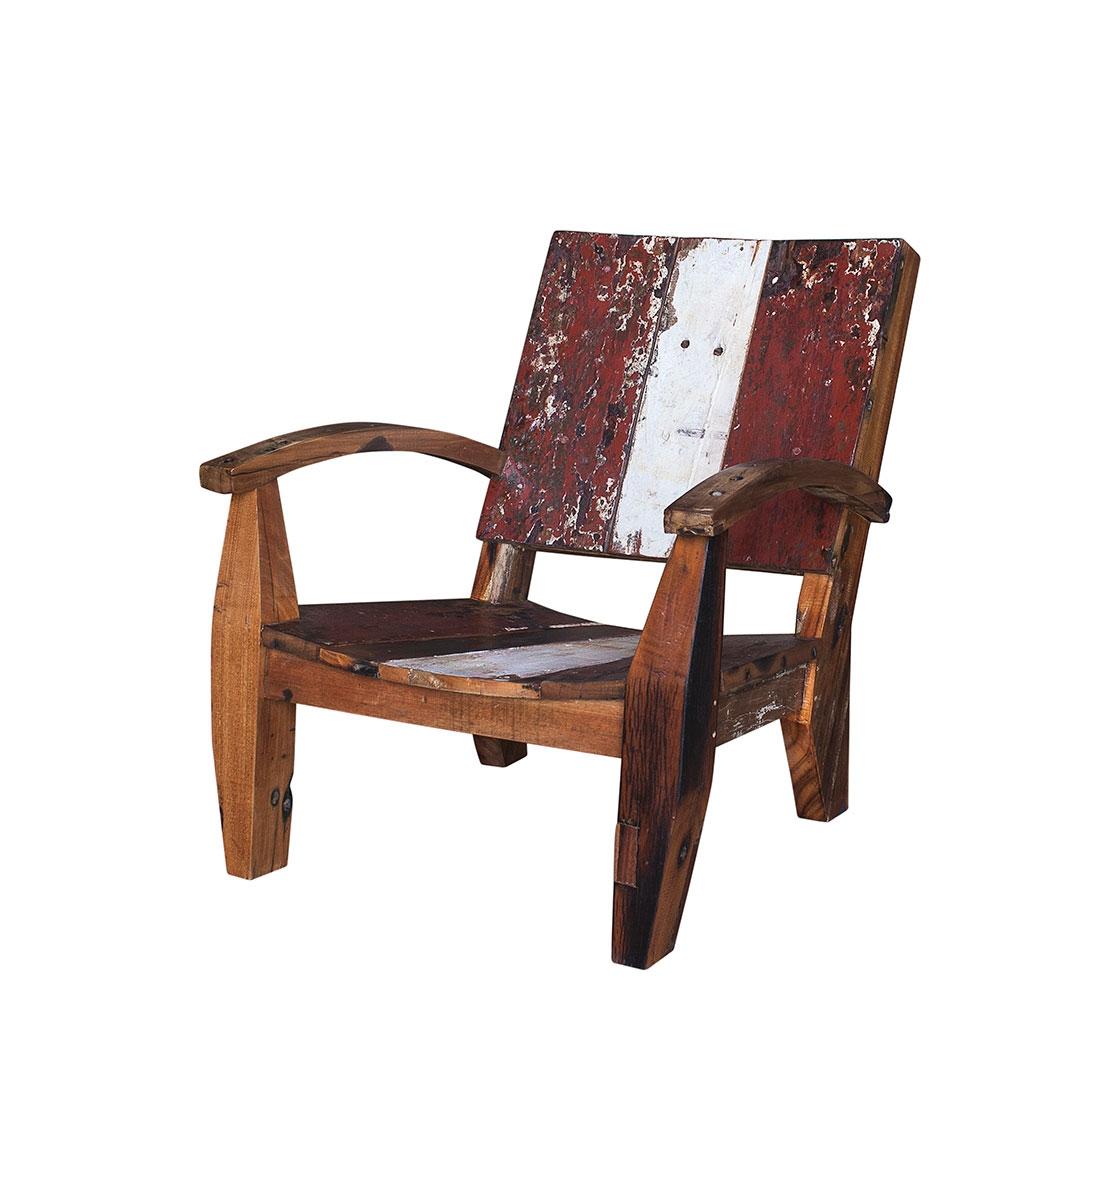 Кресло НьютонКресла для сада<br>Кресло, выполненное из массива древесины старого рыбацкого судна, такой как: тик, махагон, суар, с сохранением оригинальной многослойной окраски.<br><br>С 2 подлокотниками, подходит для работы и отдыха.<br>Подходит для использования как внутри помещения, так и снаружи.<br>Сборка не требуется.<br><br>Material: Тик<br>Width см: 80<br>Depth см: 85<br>Height см: 85